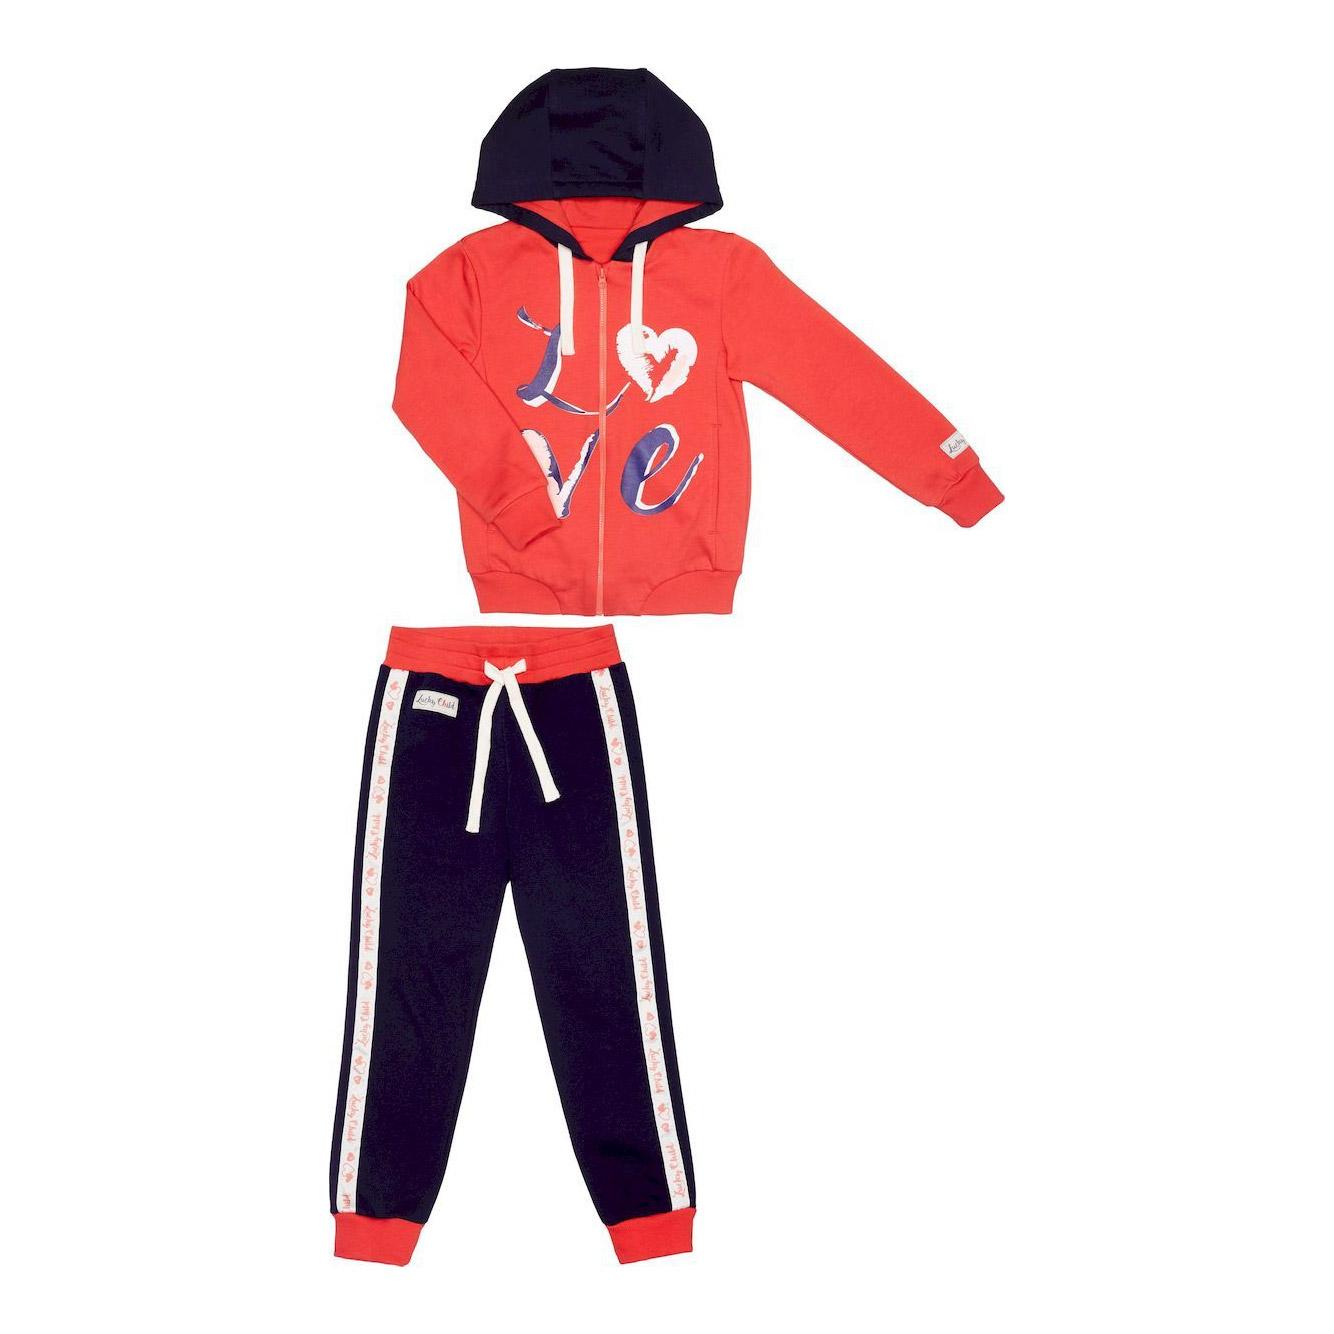 Купить Спортивный костюм Lucky Child: куртка и брюки коралл/синий 104-110, Синий, Коралловый, Футер, Для девочек, Весна-Лето,